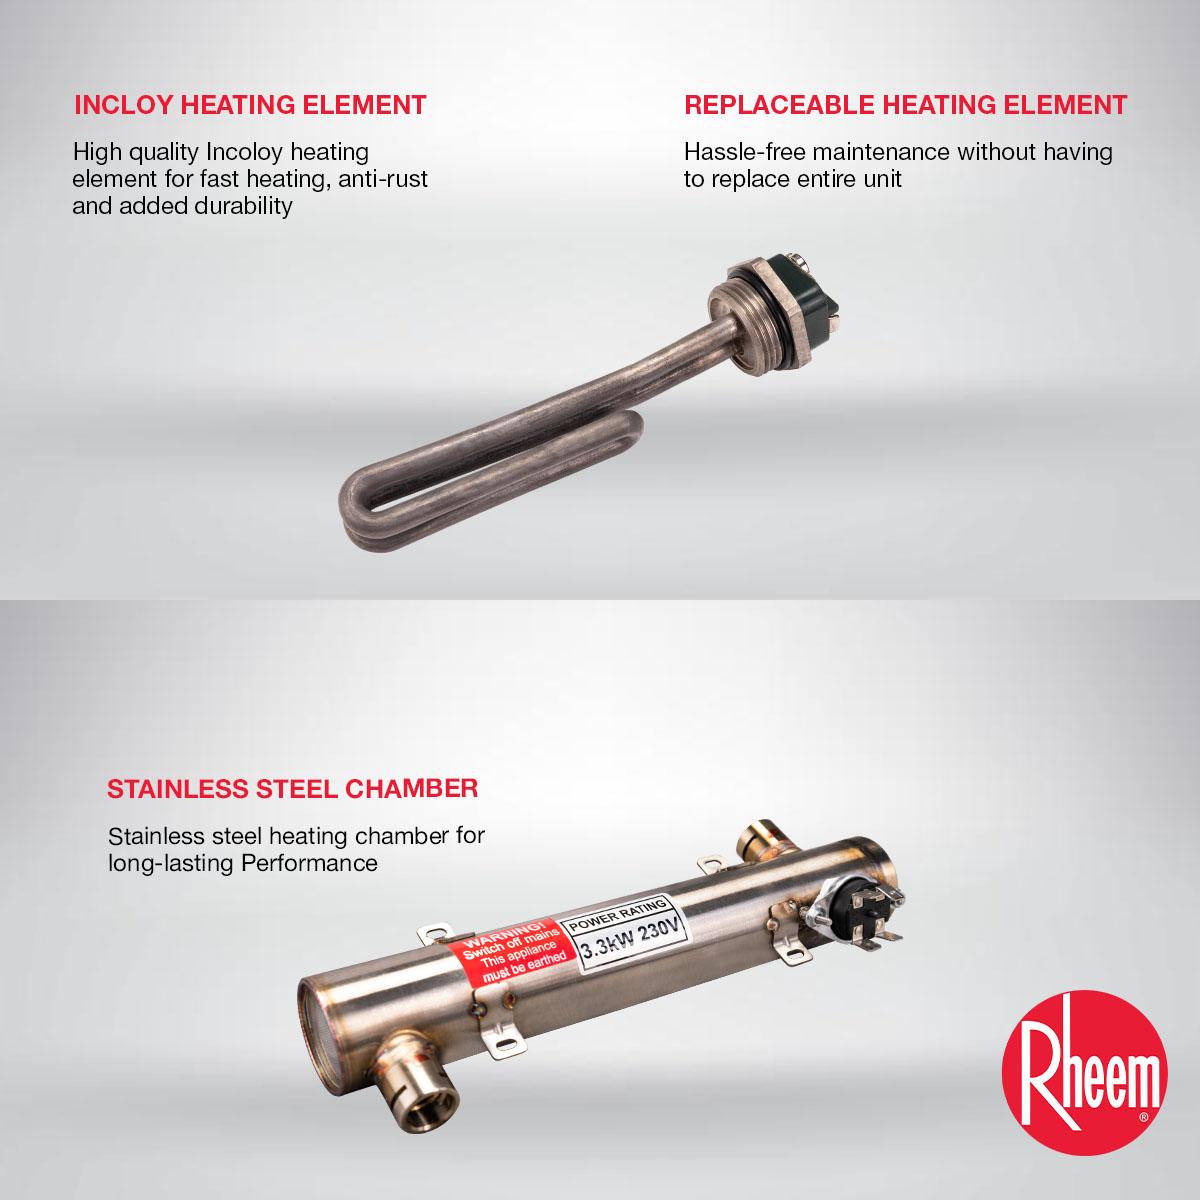 rheem-rtle-33p-product-image-plumber-singapore-2